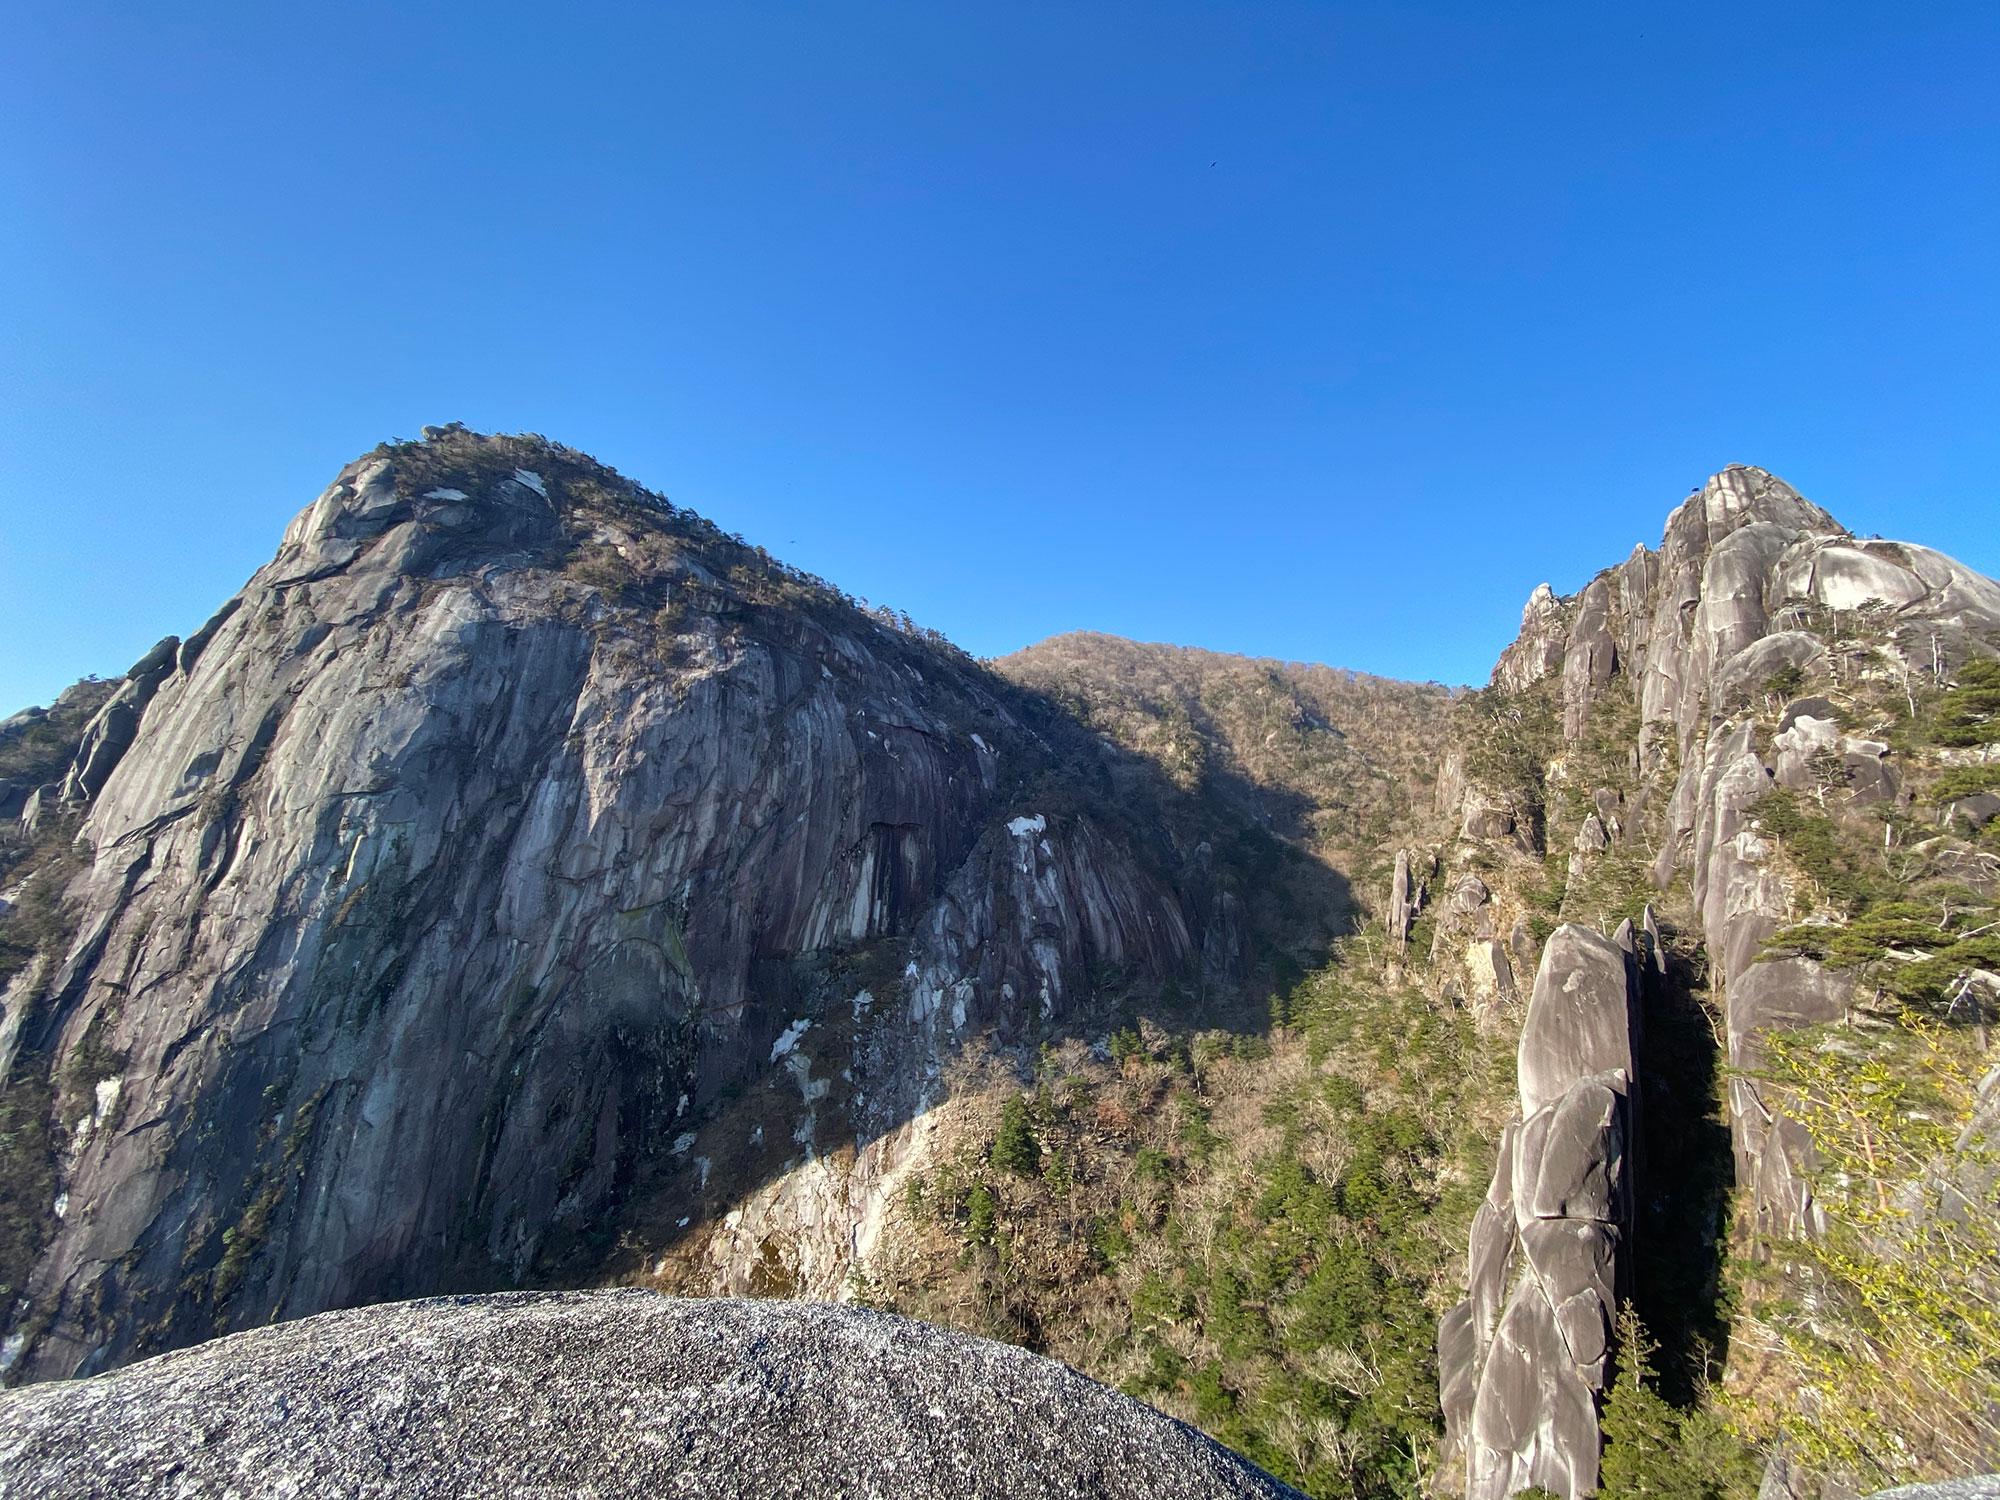 袖ダキ展望所から眺める岩峰